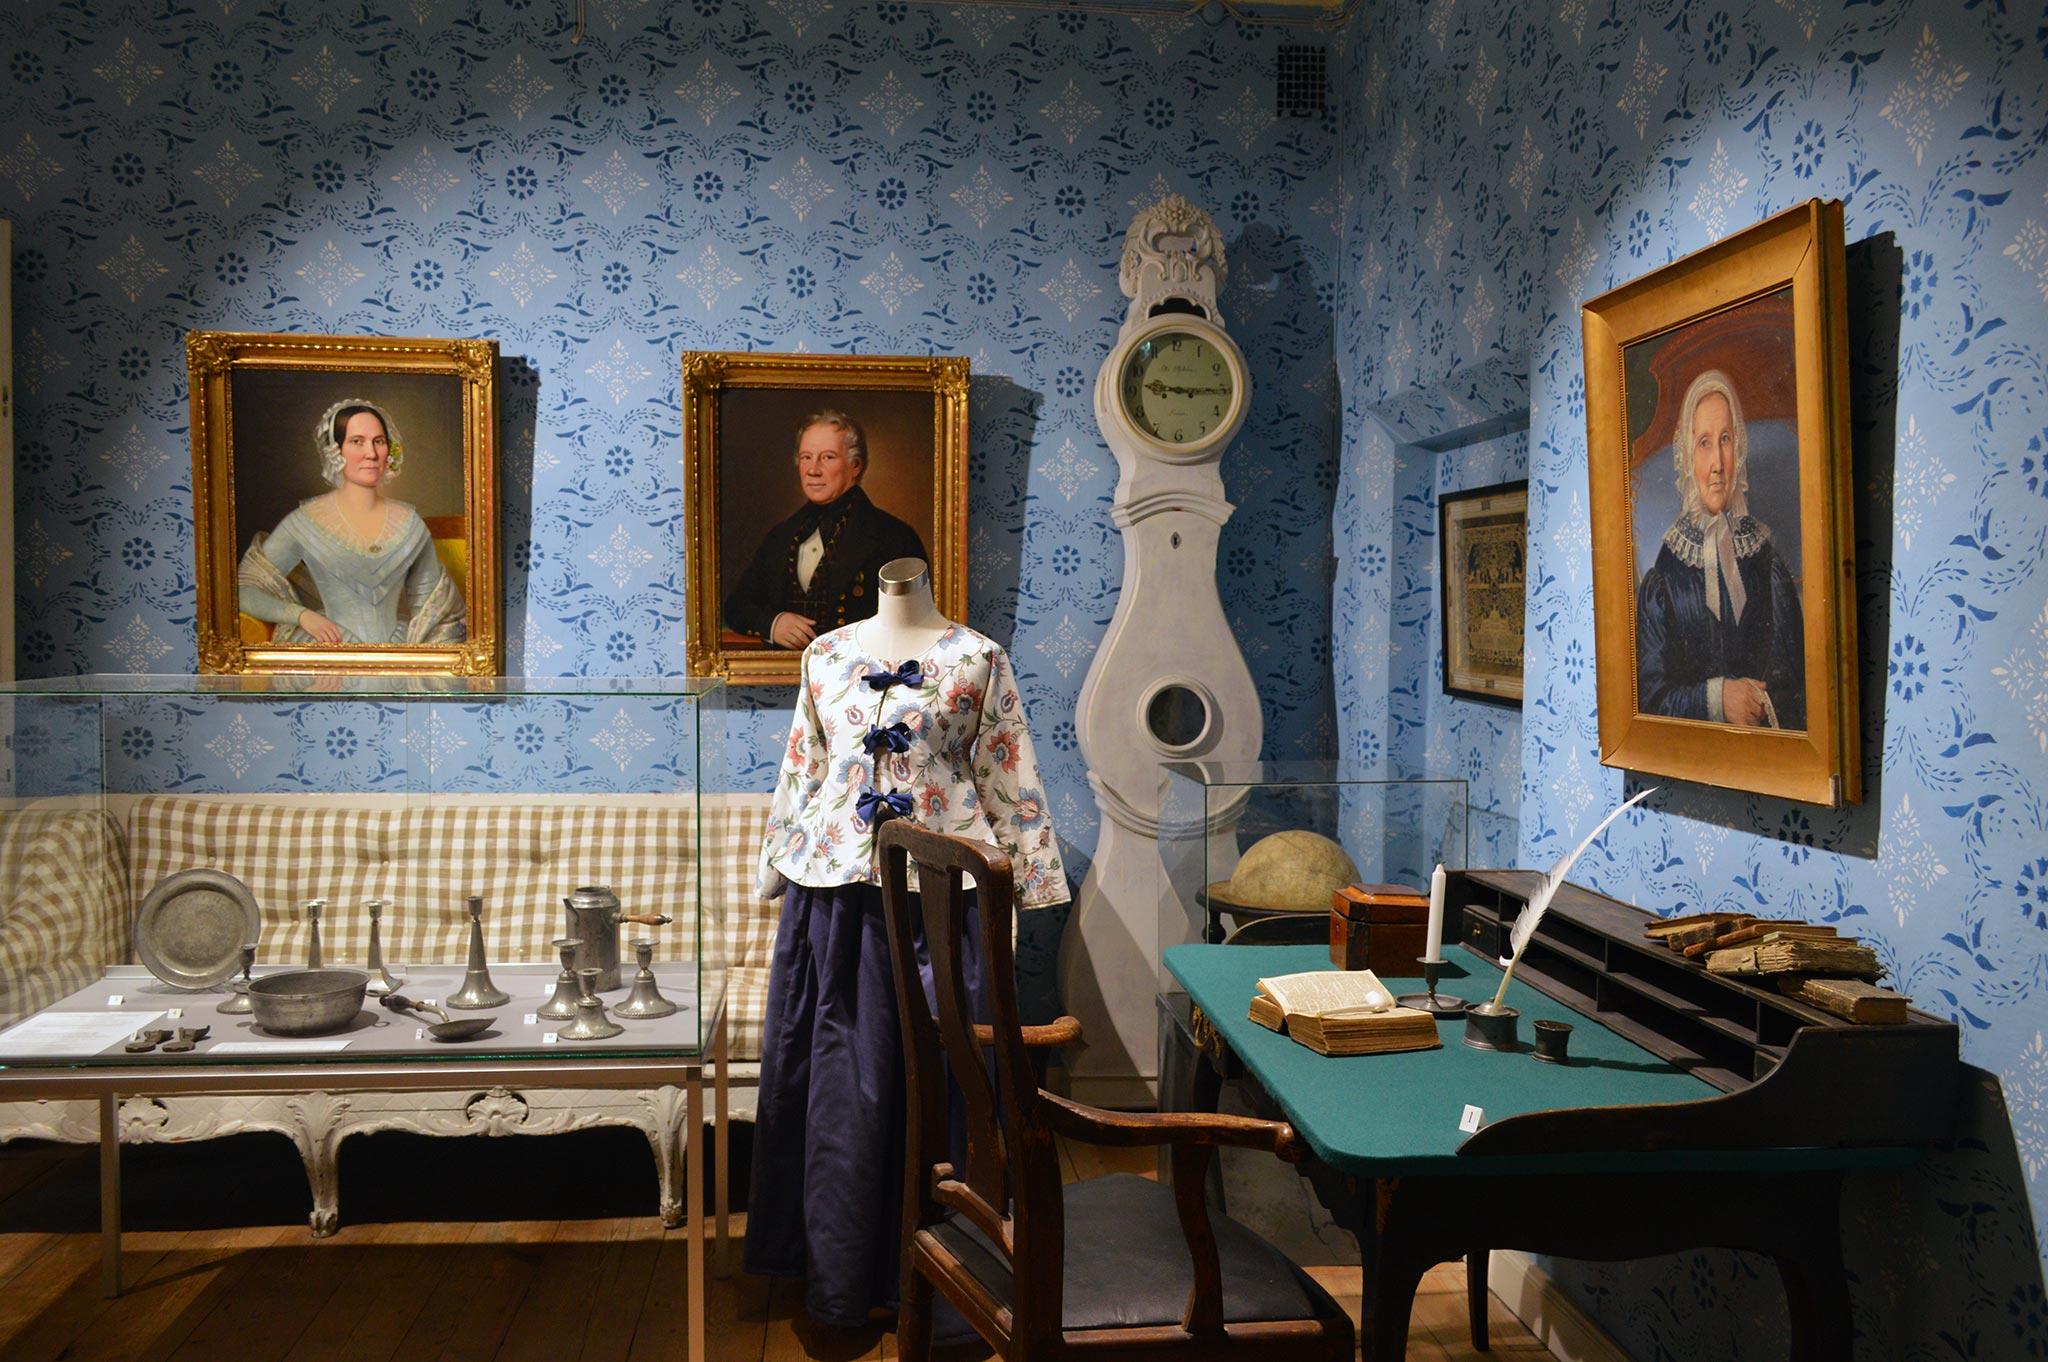 Loviisan kaupungin museon perusnäyttelyssä voi ihastella esimerkiksi vanhaa kirjoituspöytää.